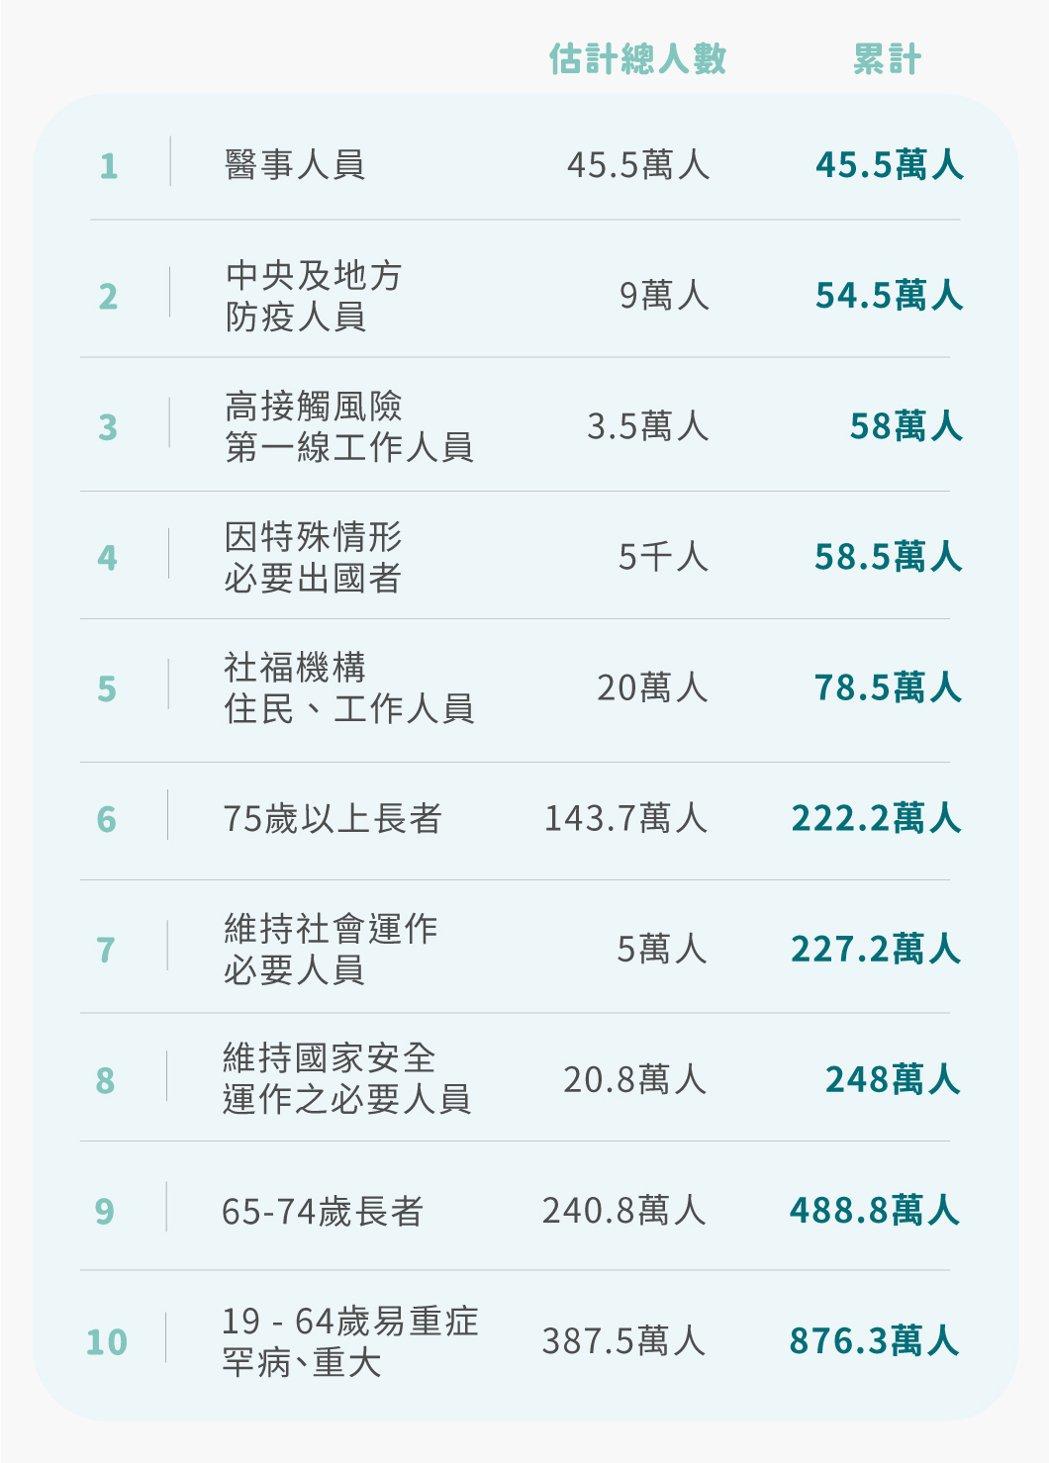 圖二:台灣新公布的施打順序,各類估計總人數及累計人數。 圖/作者提供,鳴人堂製